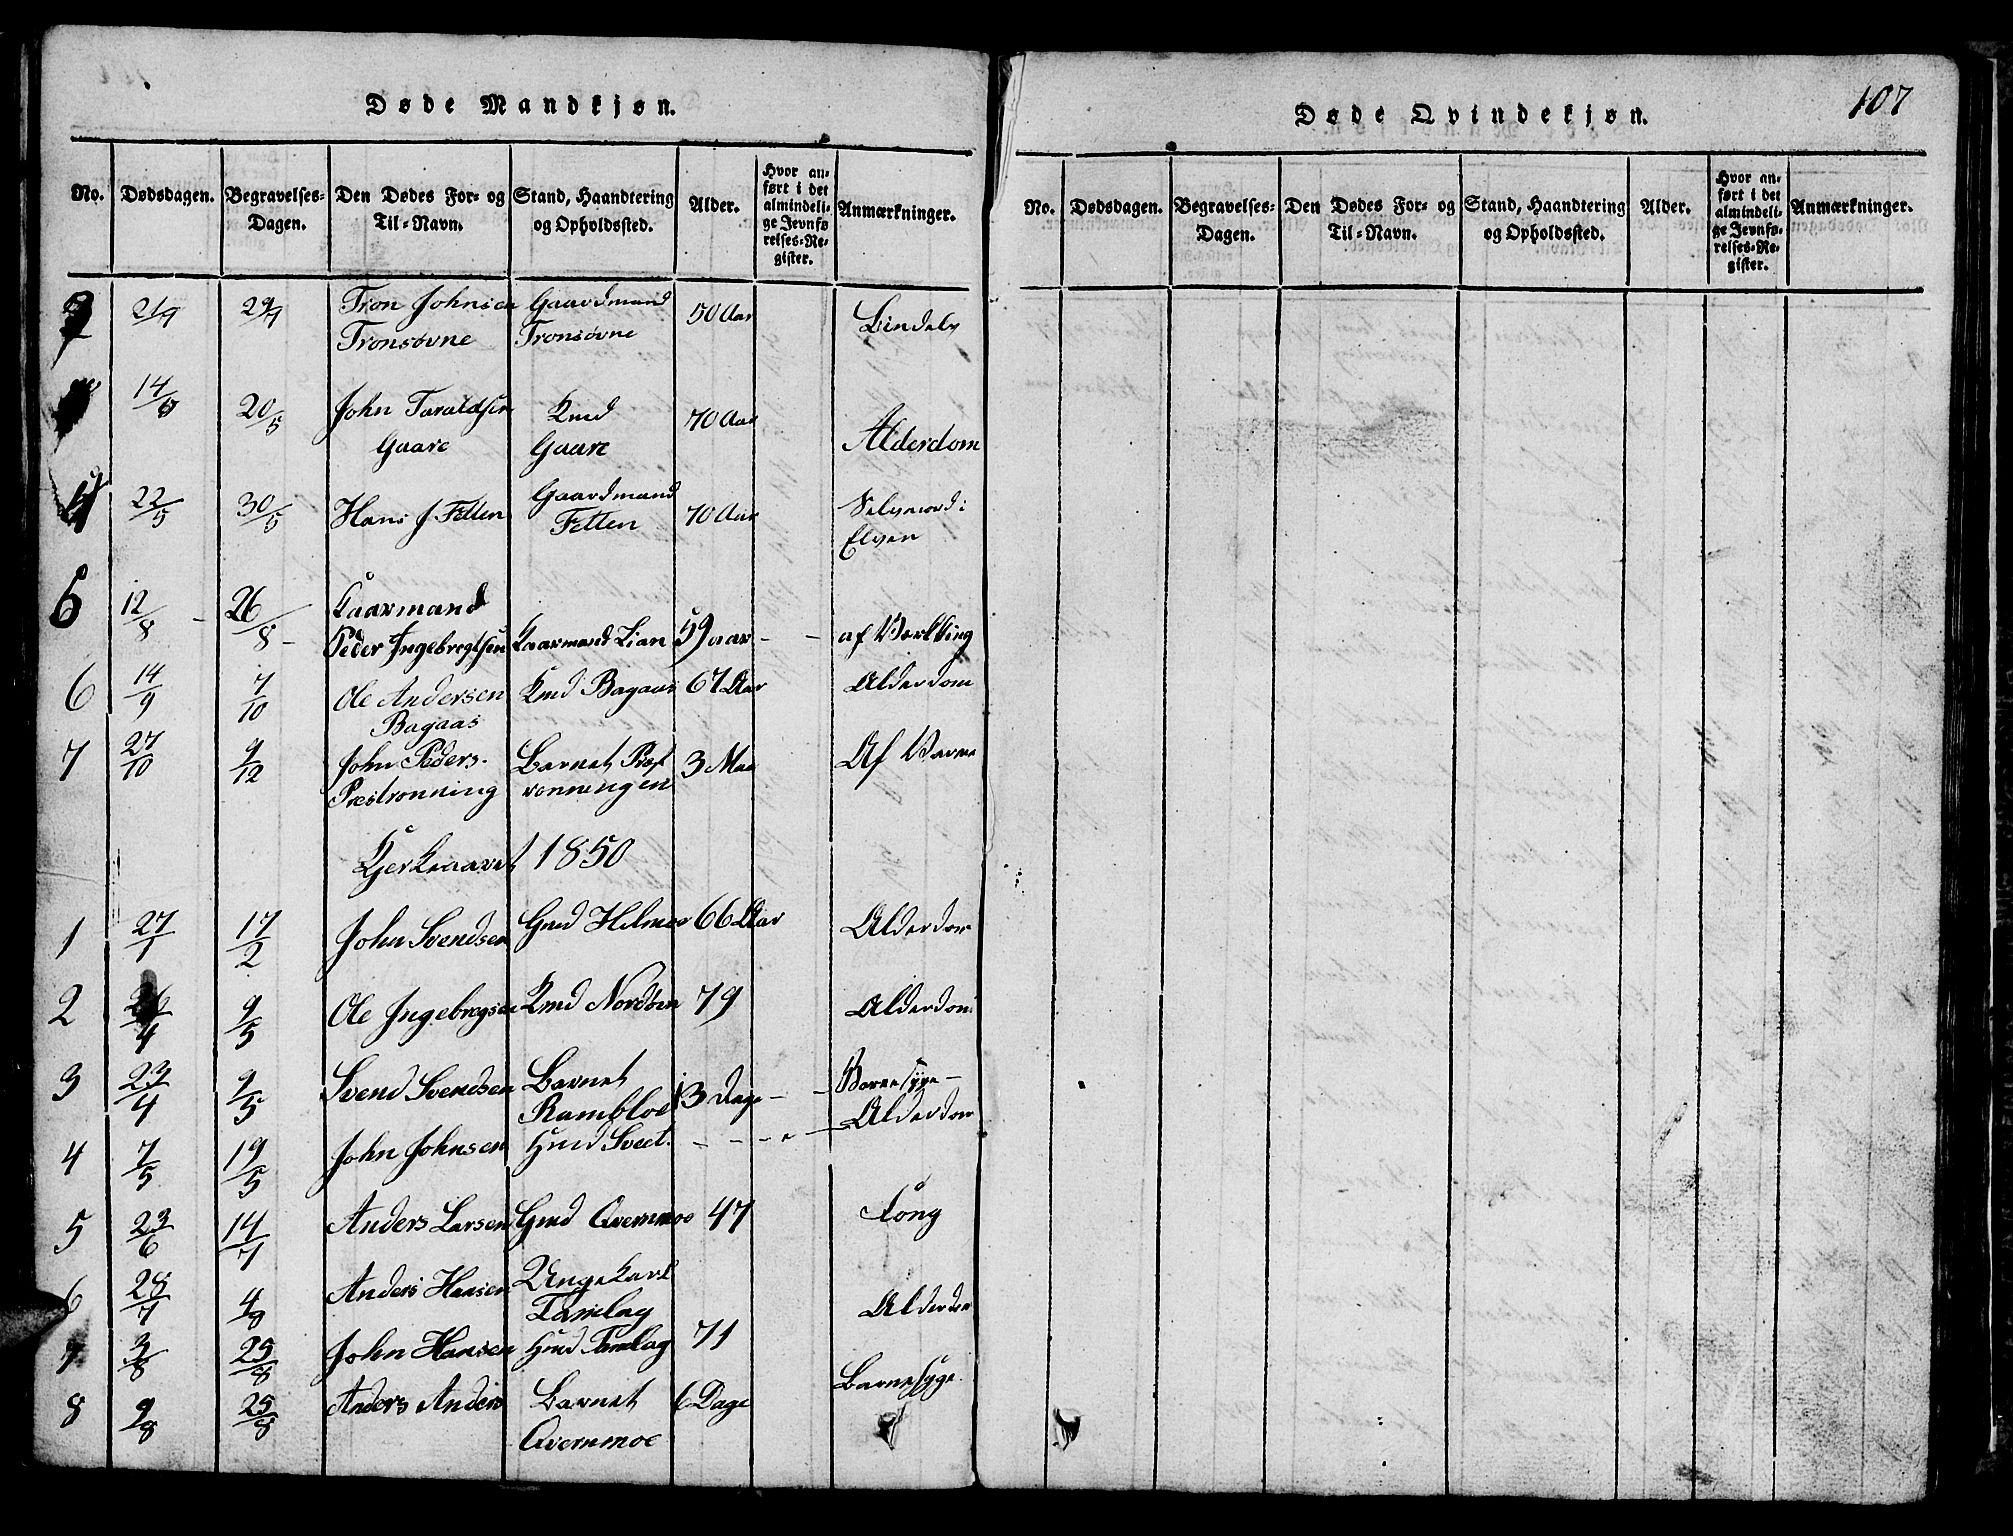 SAT, Ministerialprotokoller, klokkerbøker og fødselsregistre - Sør-Trøndelag, 685/L0976: Klokkerbok nr. 685C01, 1817-1878, s. 107